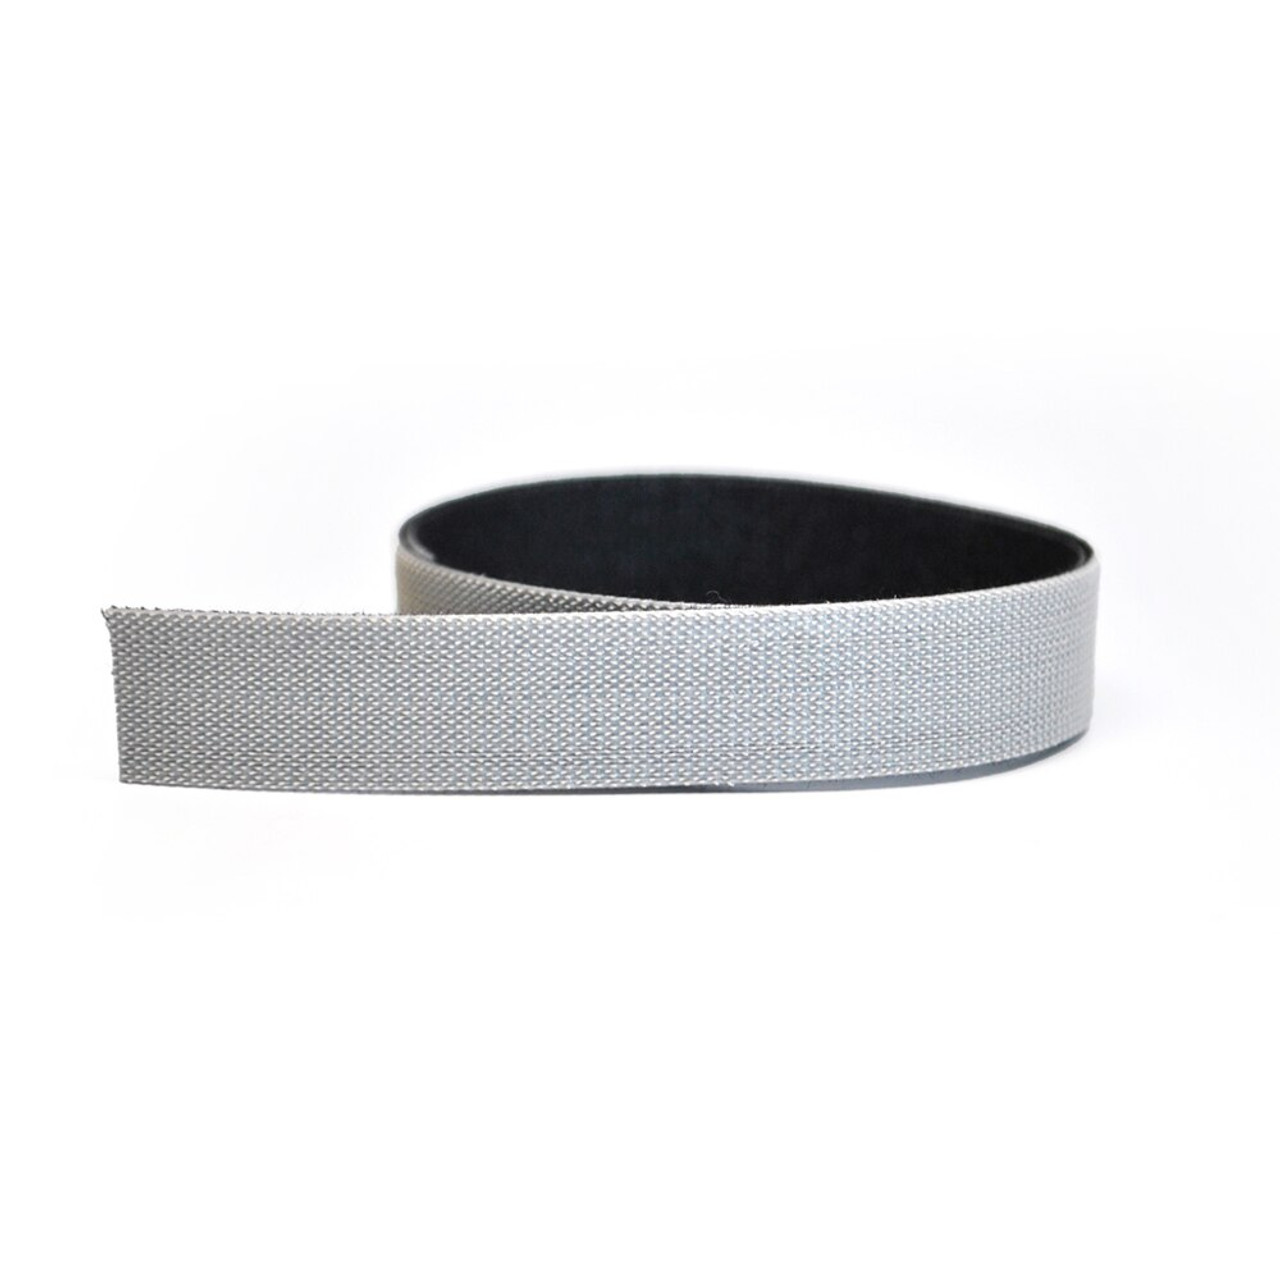 VELCRO® Brand QWIK Tie Tape Gray / Velcro Straps - Bundling Straps - Velcro Tie - Velcro Strap